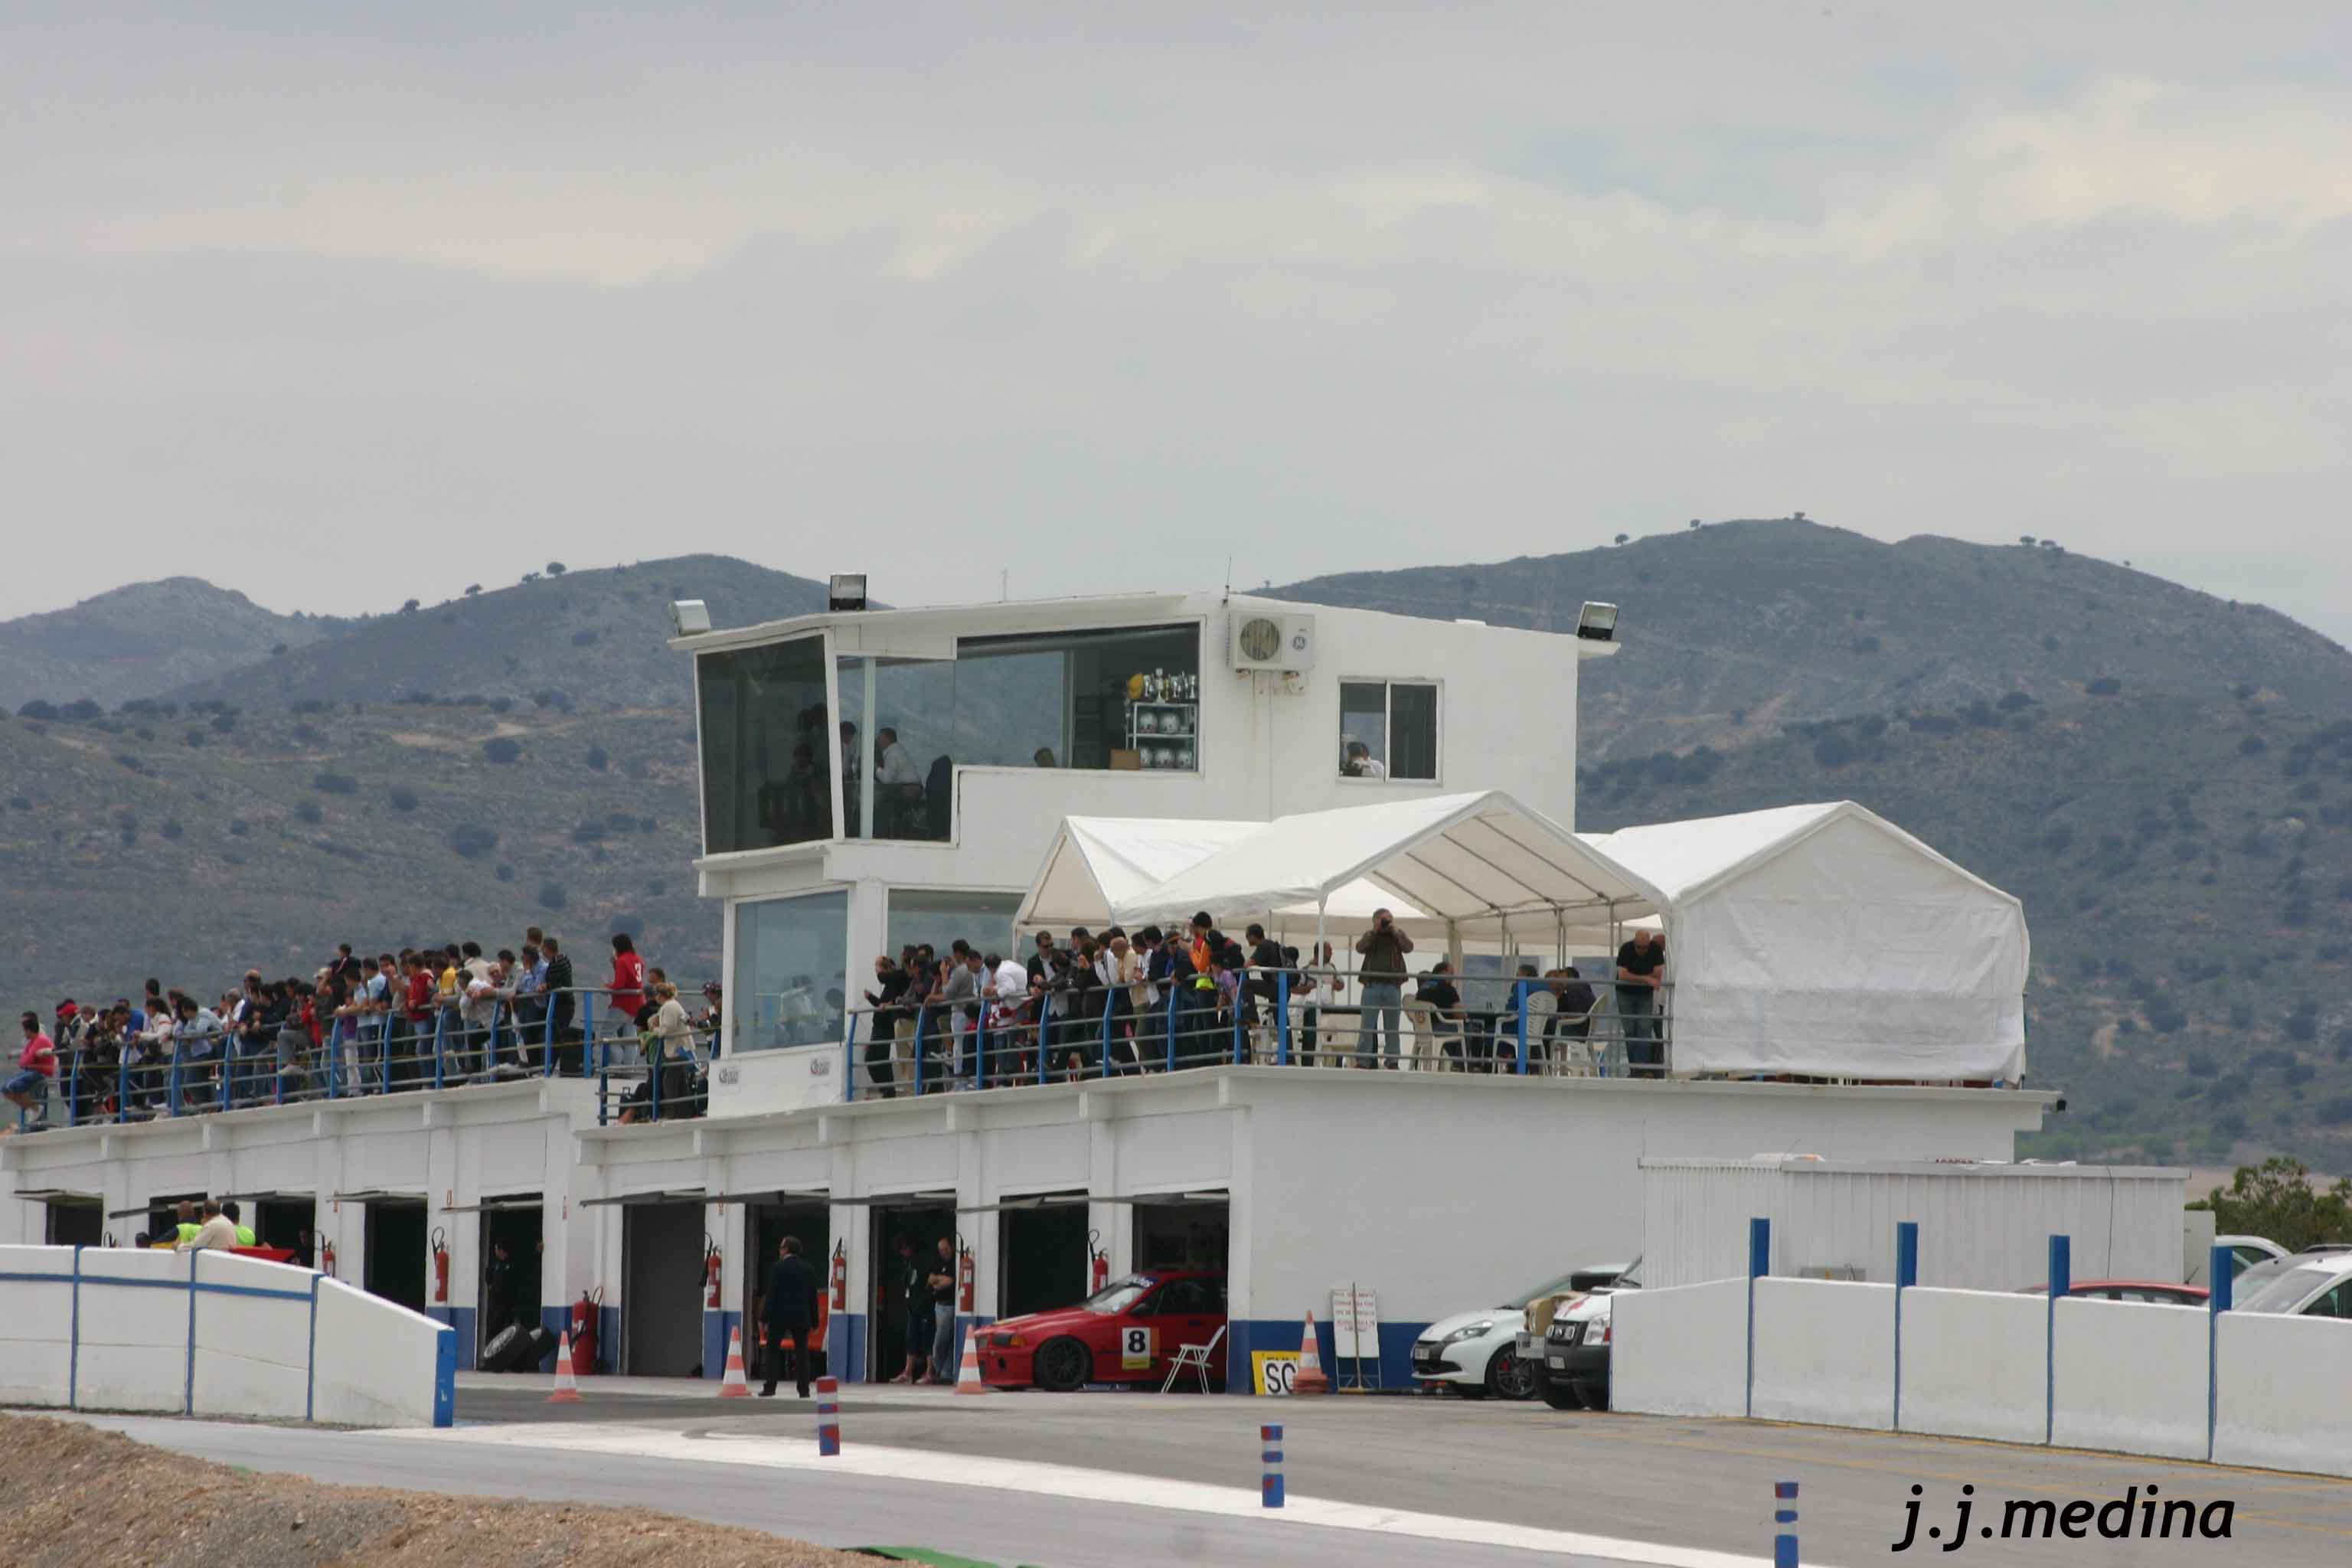 Circuito Guadix : Tandas circuito de guadix youtube